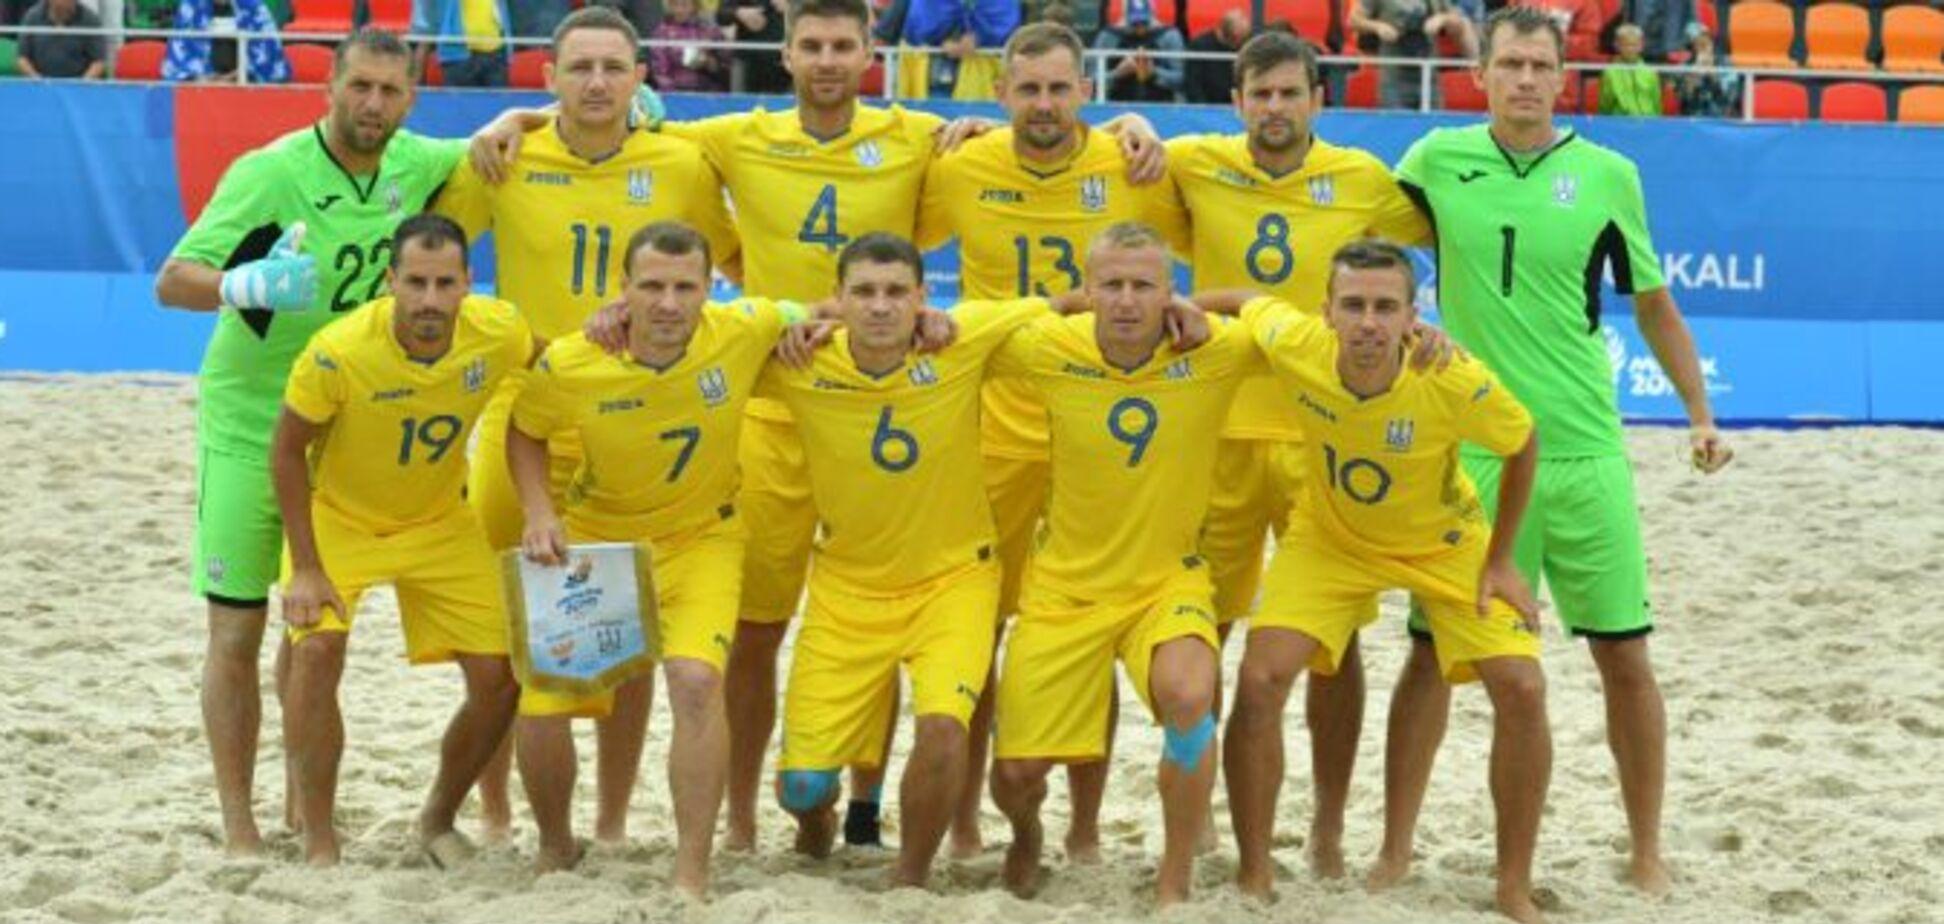 Україна оголосила бойкот Росії, і не зіграє на ЧС із пляжного футболу